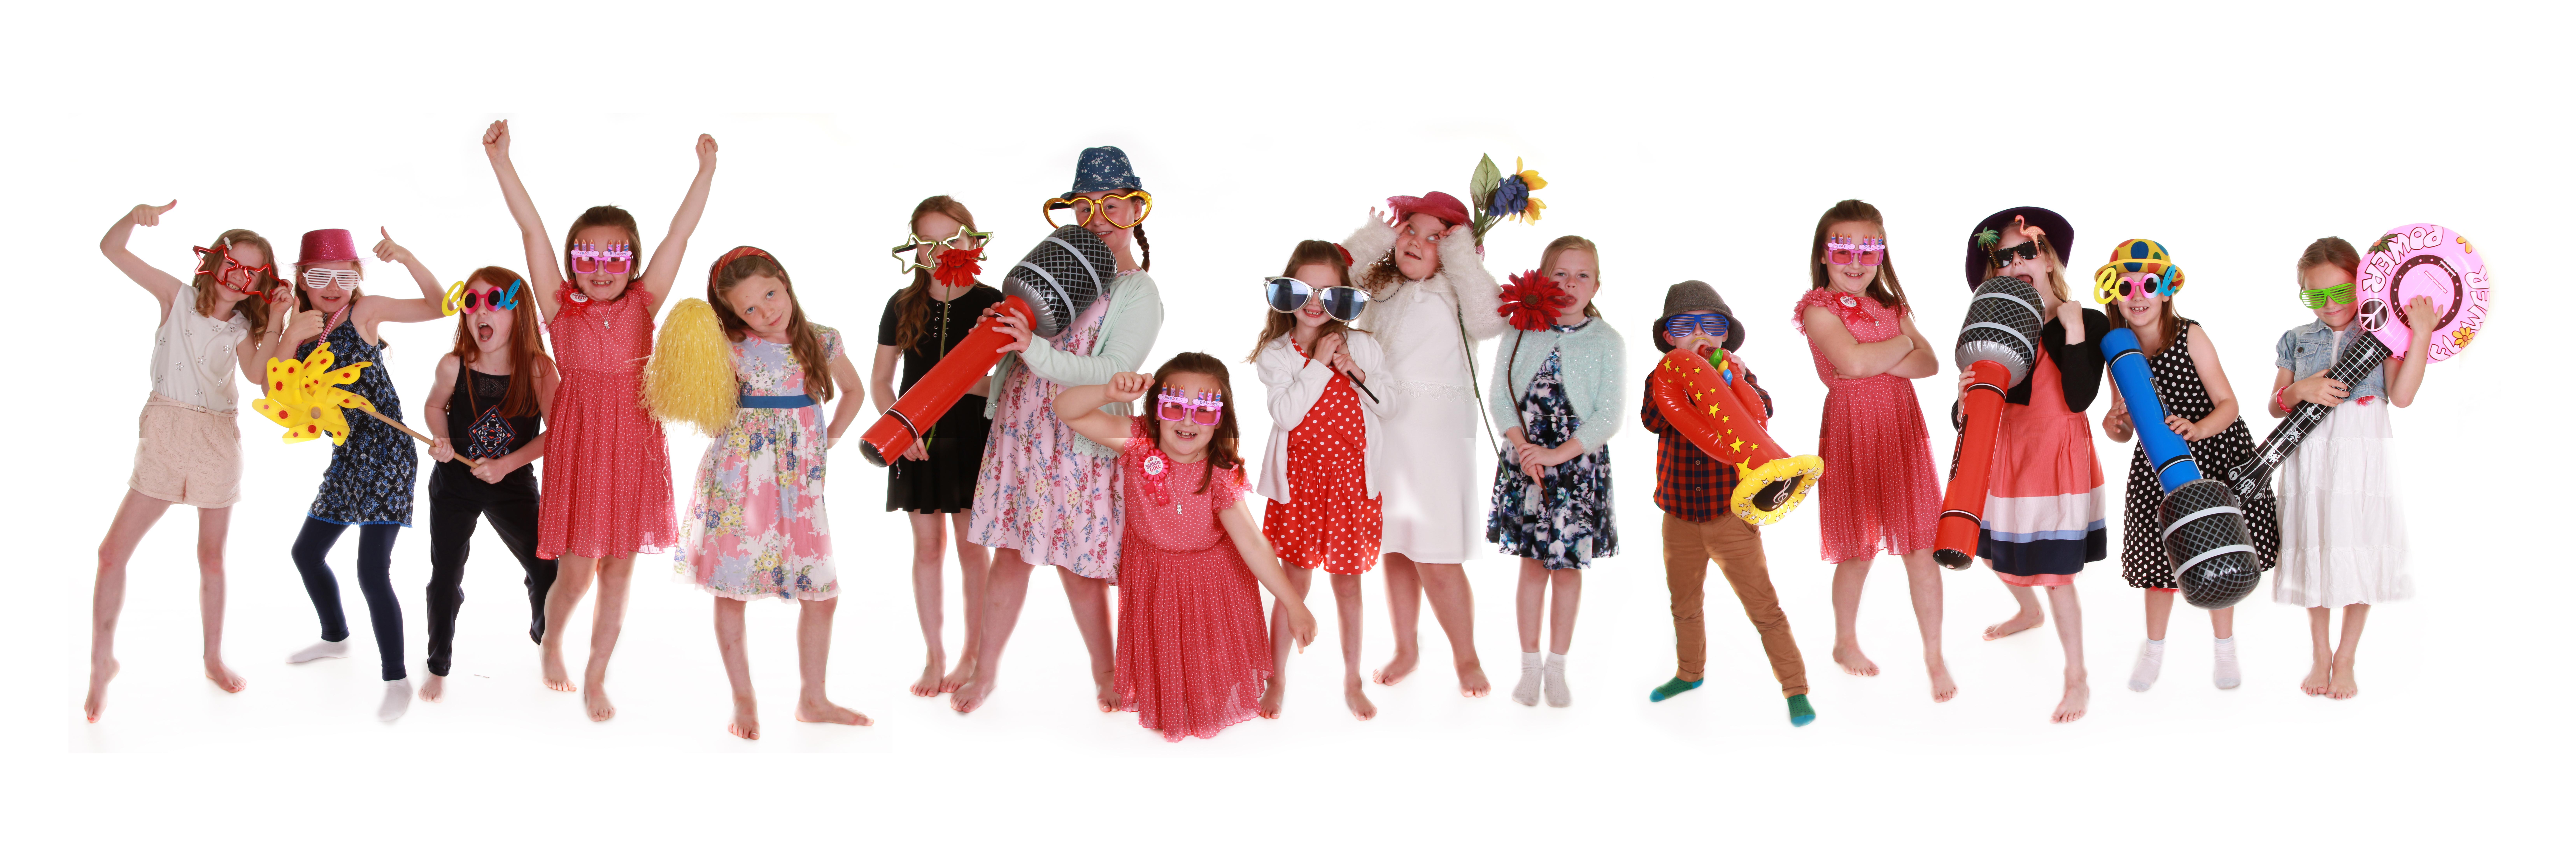 Panoramic party - children having fun photo